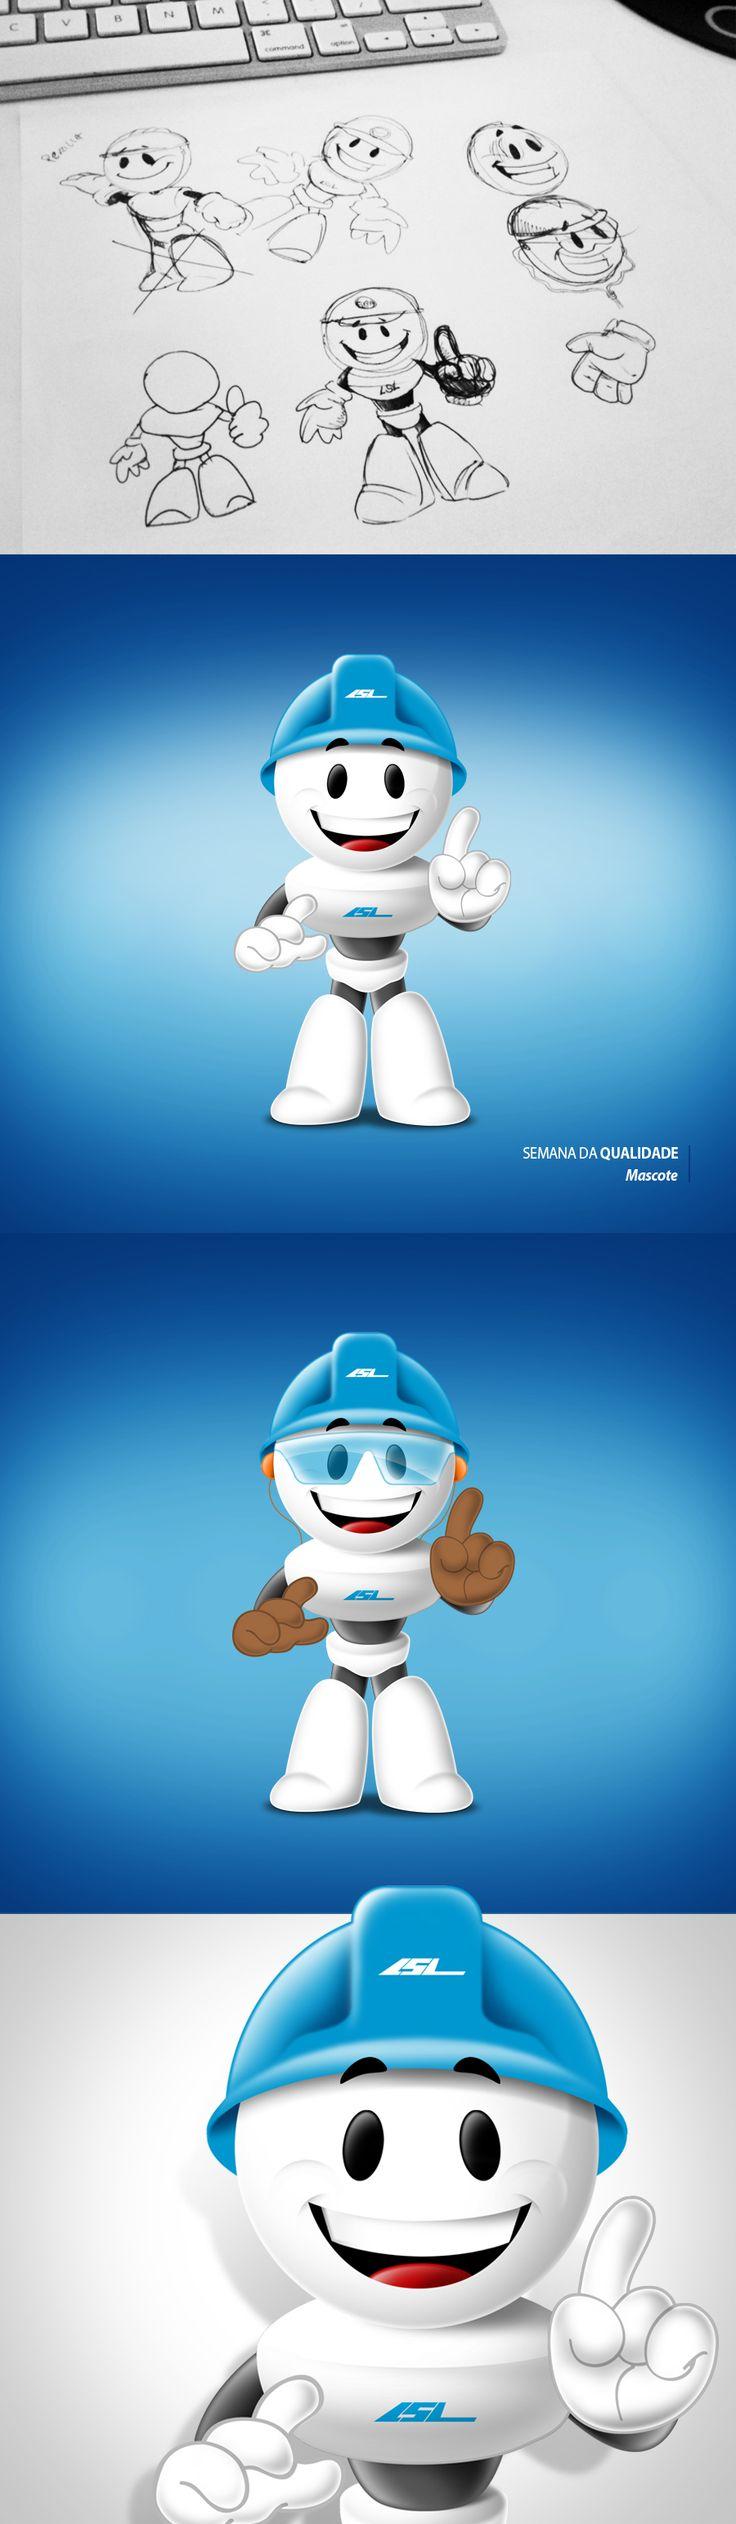 Mascote: Semana da Qualidade LSL Honda Agência: Ciclo Ilustração: Mauricio Oliveira Ano: 2013